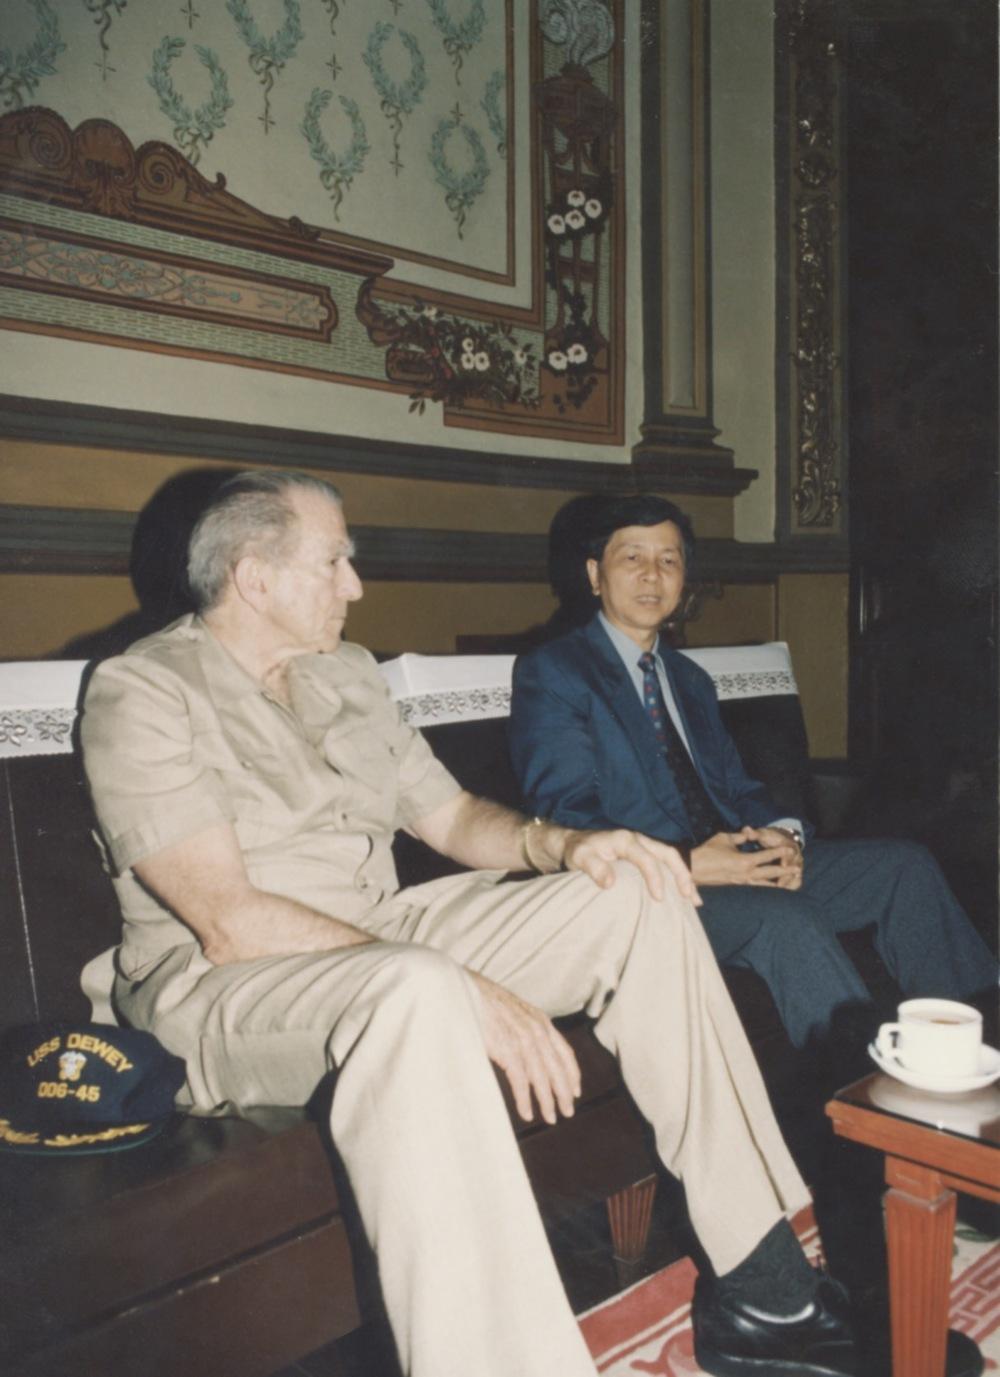 Meeting with Admiral Zumwalt - 10.jpeg